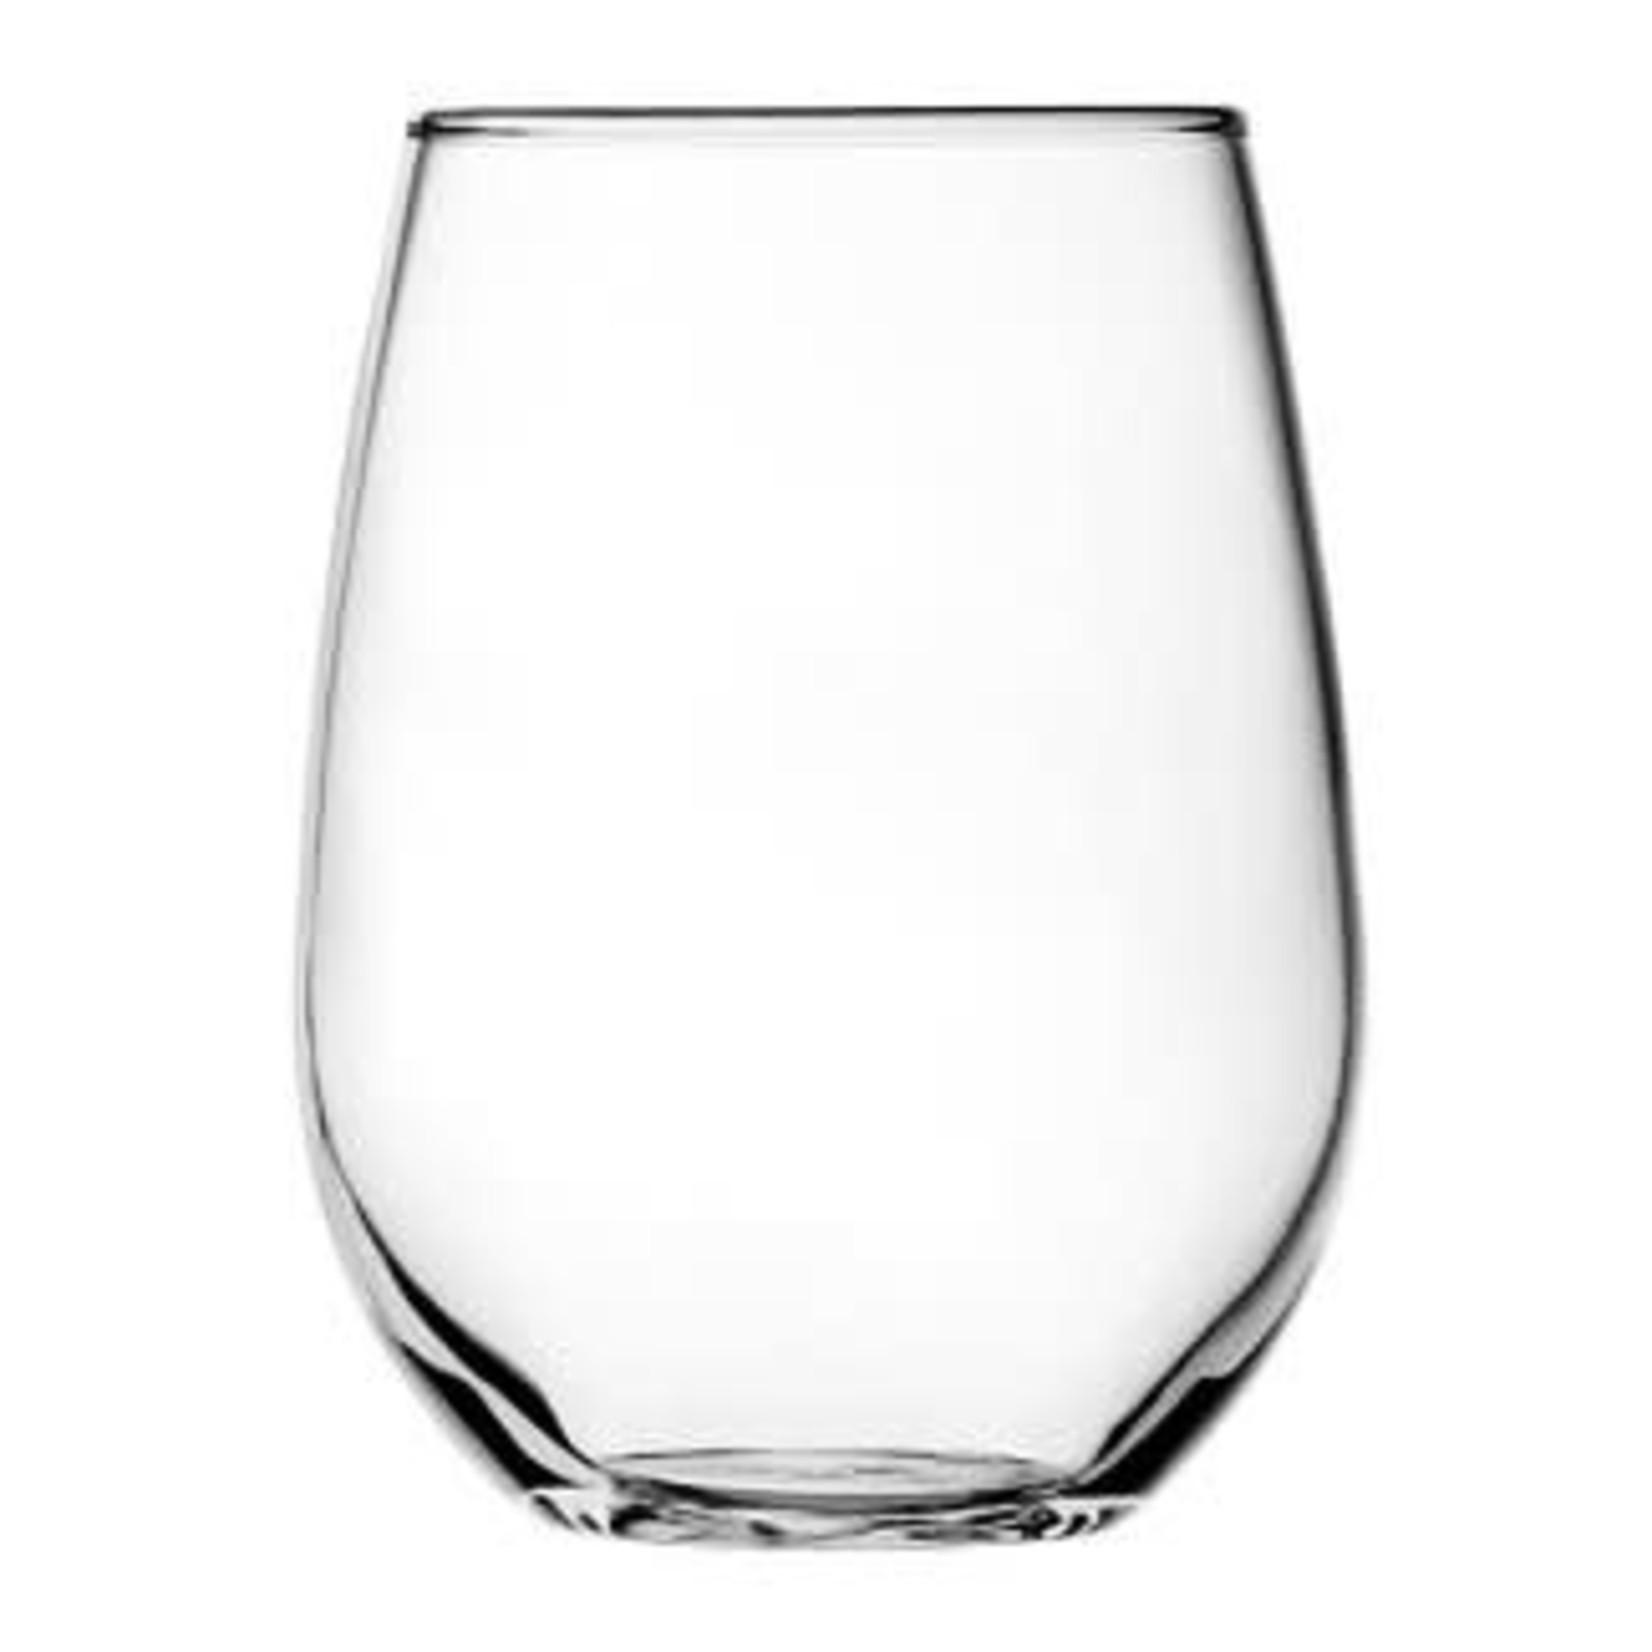 Anchor Vienna Stemless Wine Glass 15oz